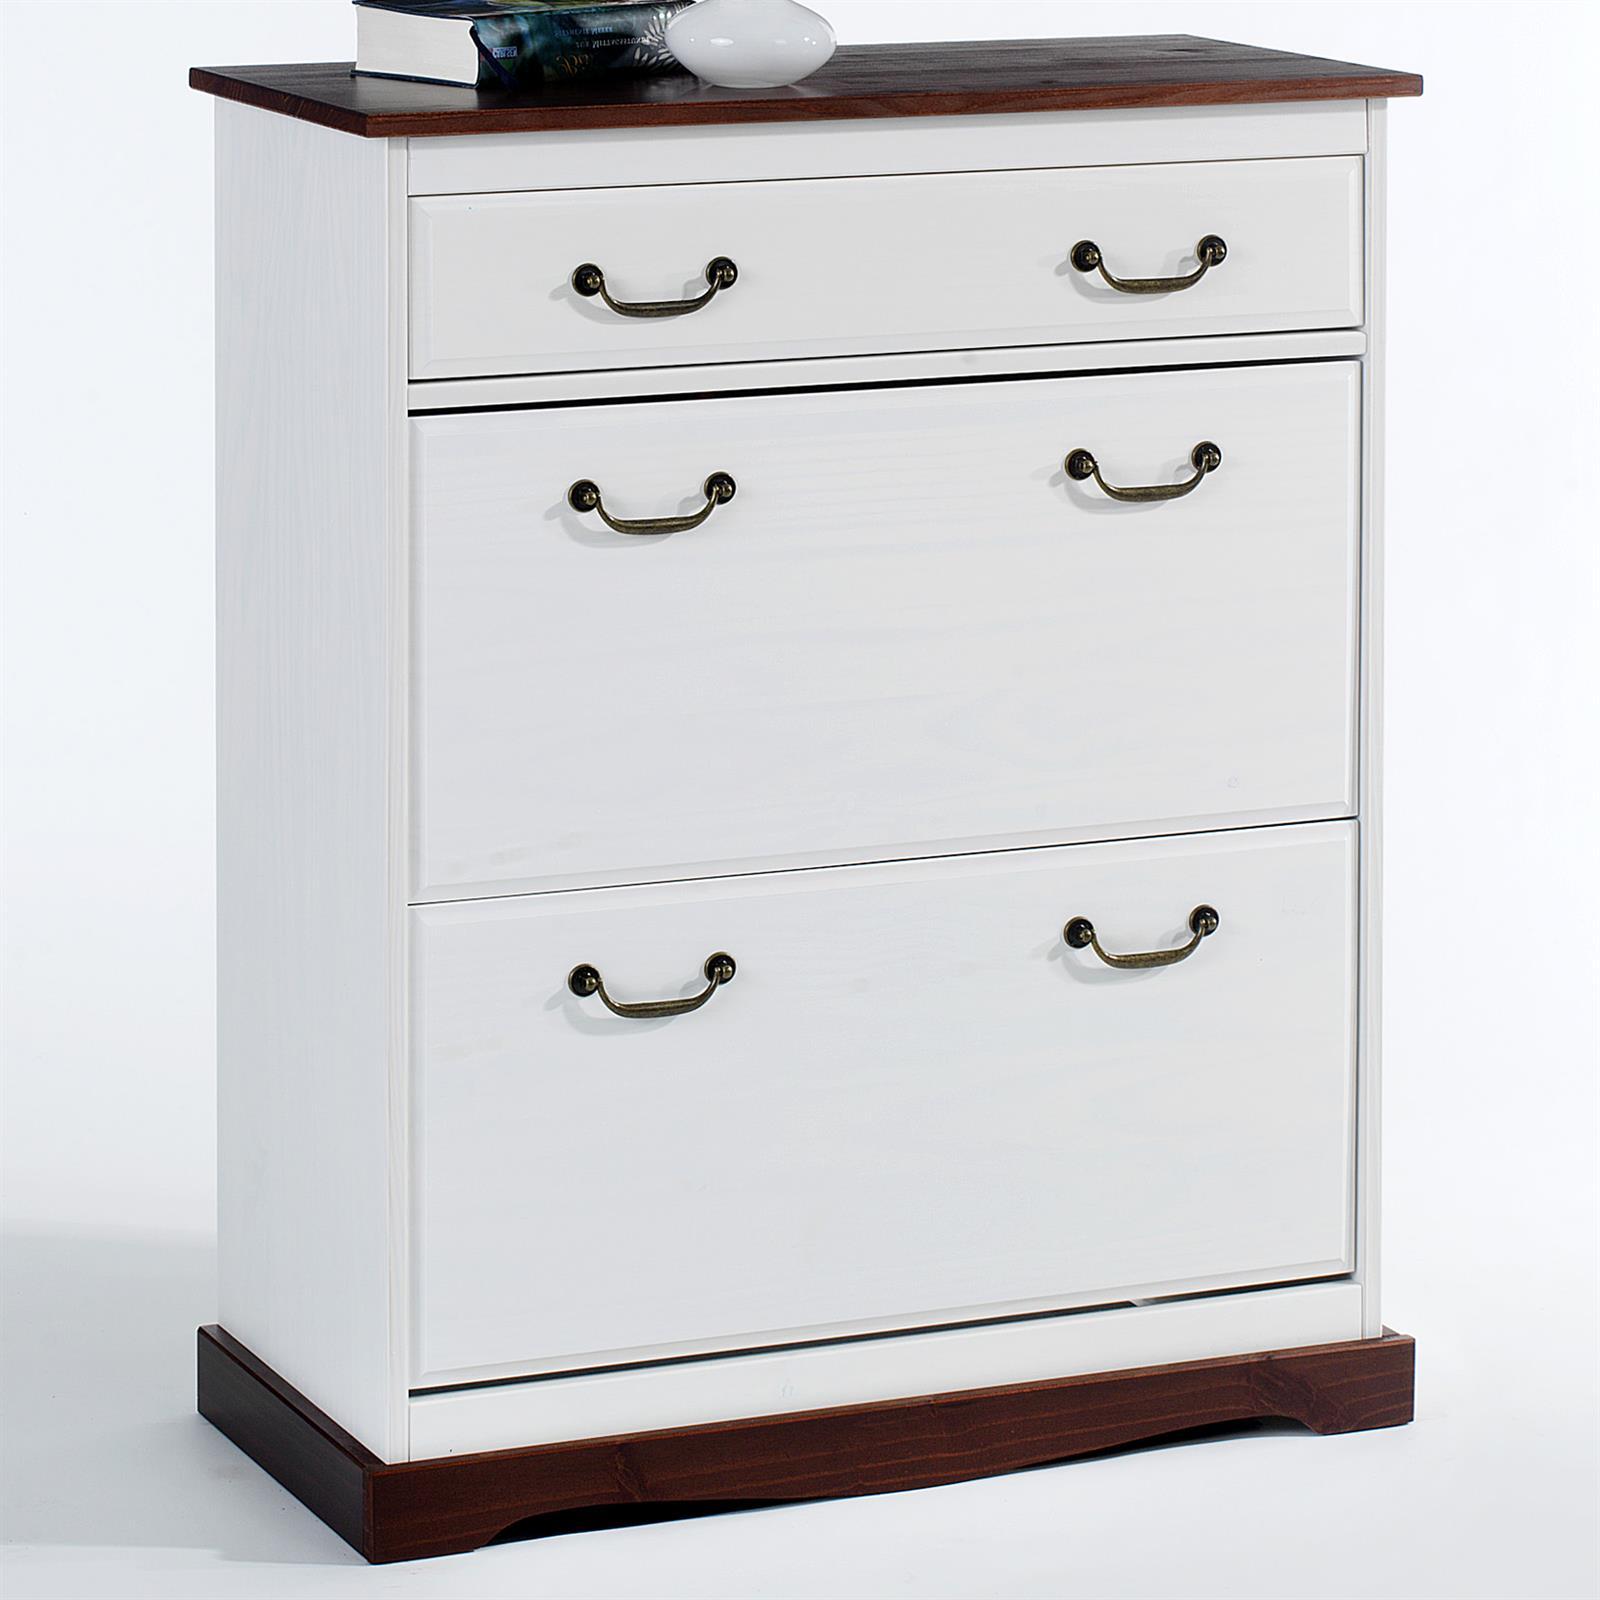 meuble chaussures en pin siena lasur blanc brun mobil meubles. Black Bedroom Furniture Sets. Home Design Ideas